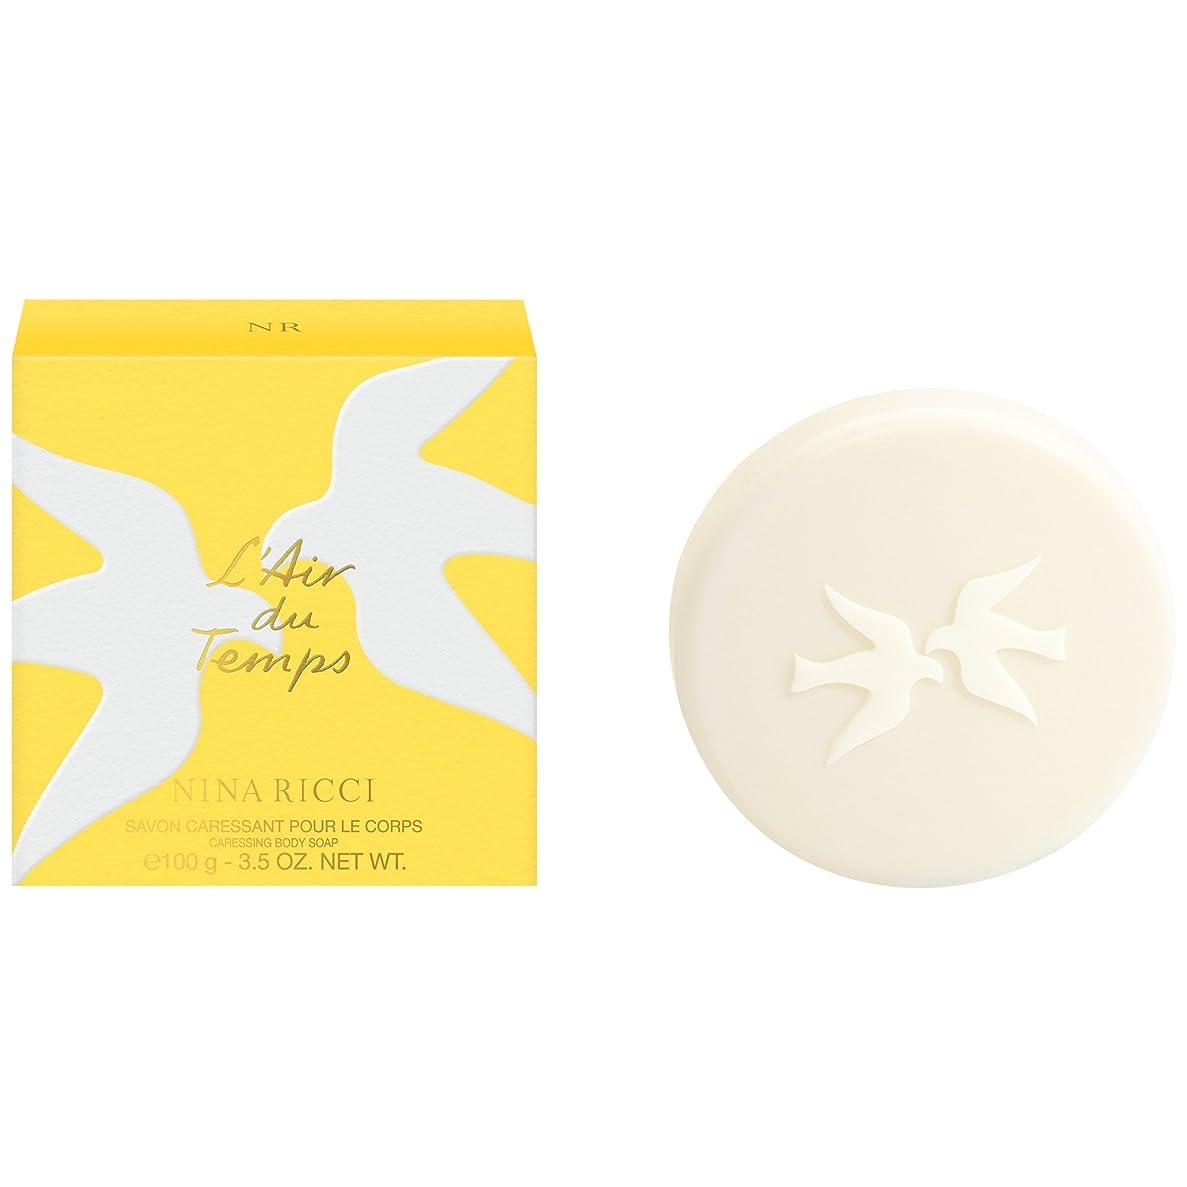 恐ろしい読み書きのできない限りなくニナリッチL'空気デュは石鹸の100グラムをタン (Nina Ricci) (x2) - Nina Ricci L'Air du Temps Soap 100g (Pack of 2) [並行輸入品]